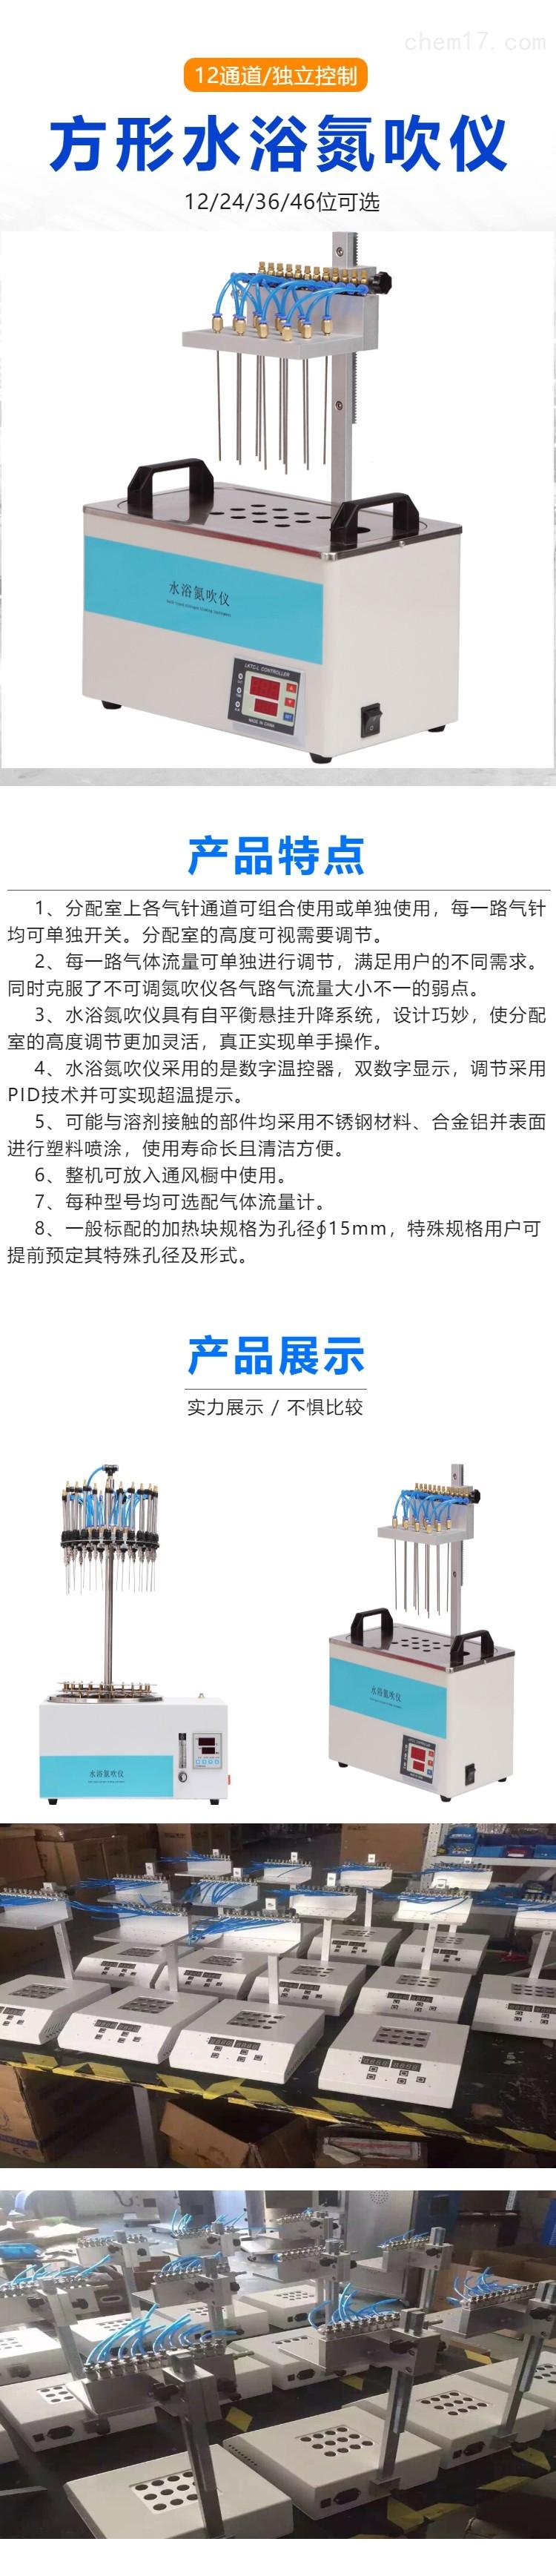 水浴氮吹仪Y.jpg